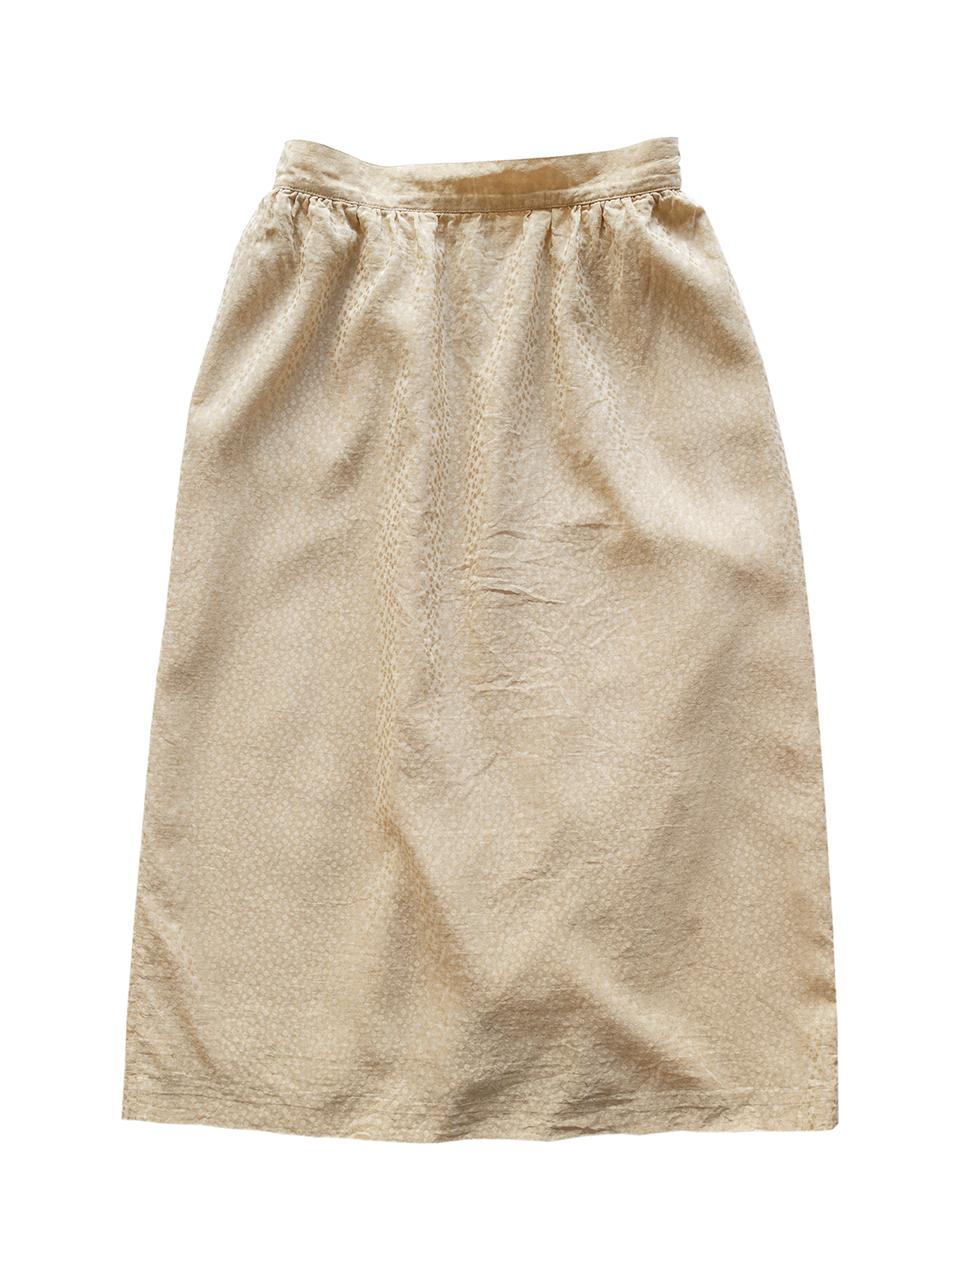 1970年代終盤Yveline Garnierダマスクシルクスカート